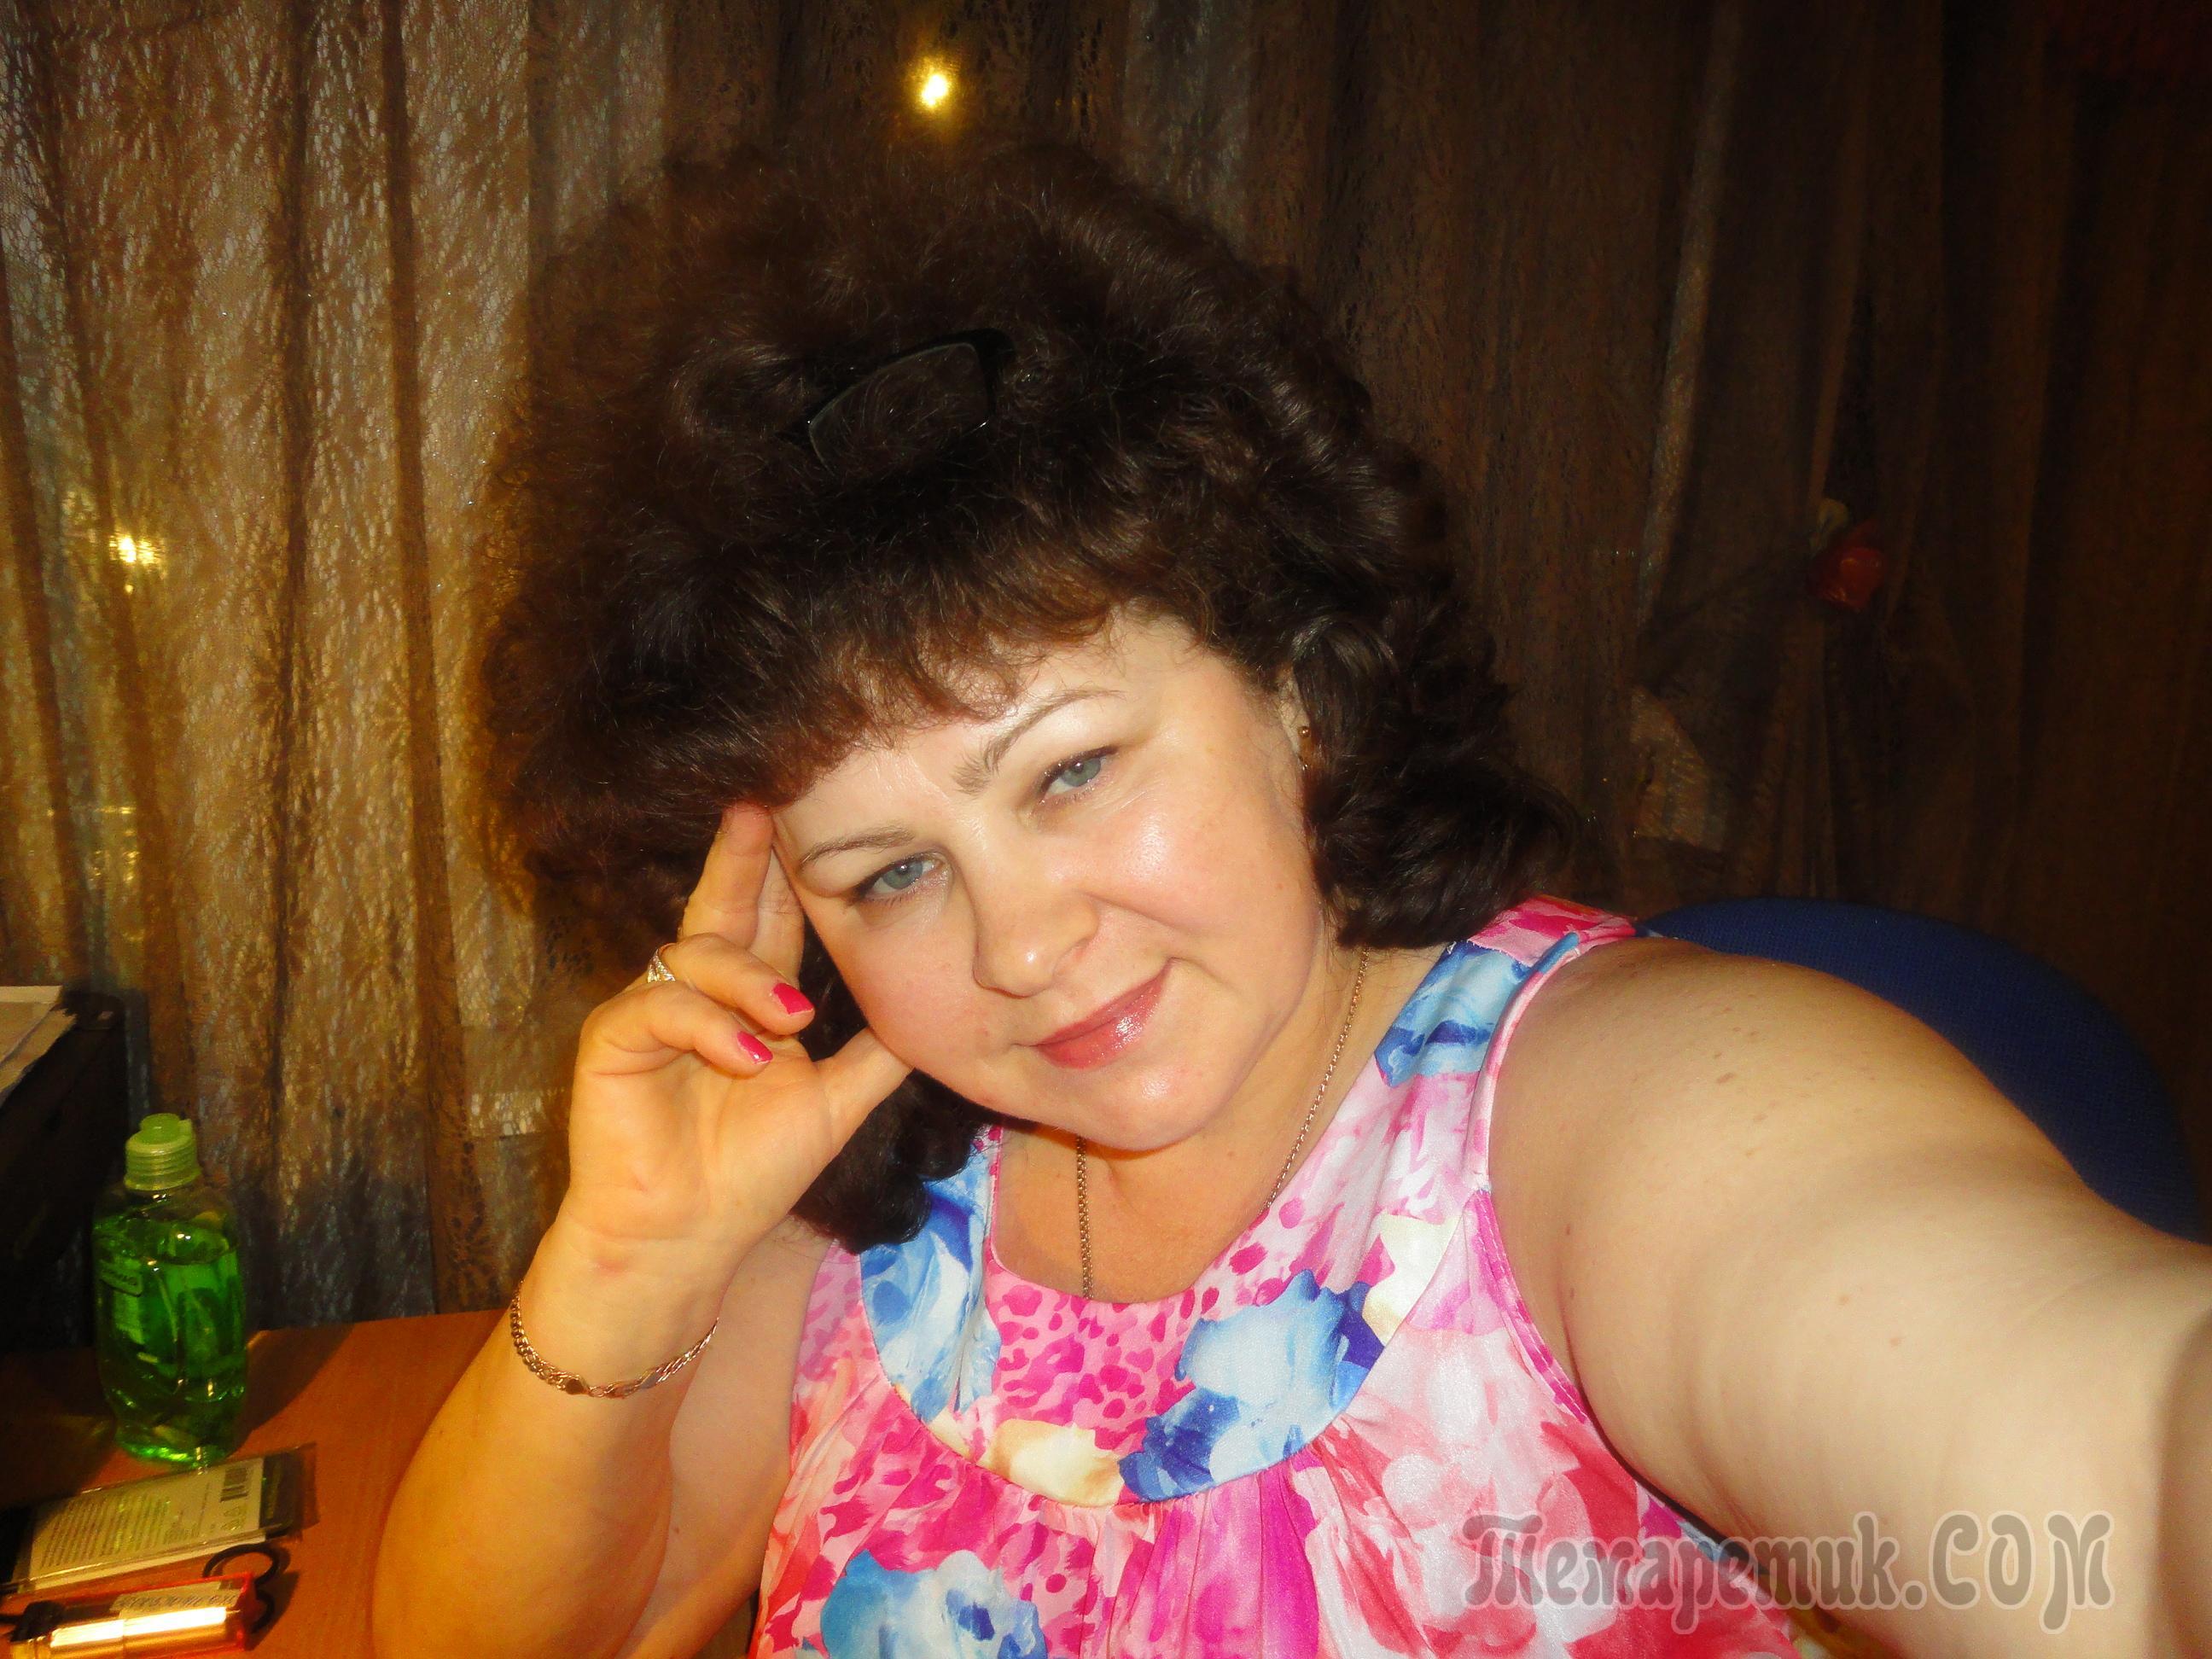 Фото сыктывкарских девушек, Голый Сыктывкарфотографий ВКонтакте 7 фотография